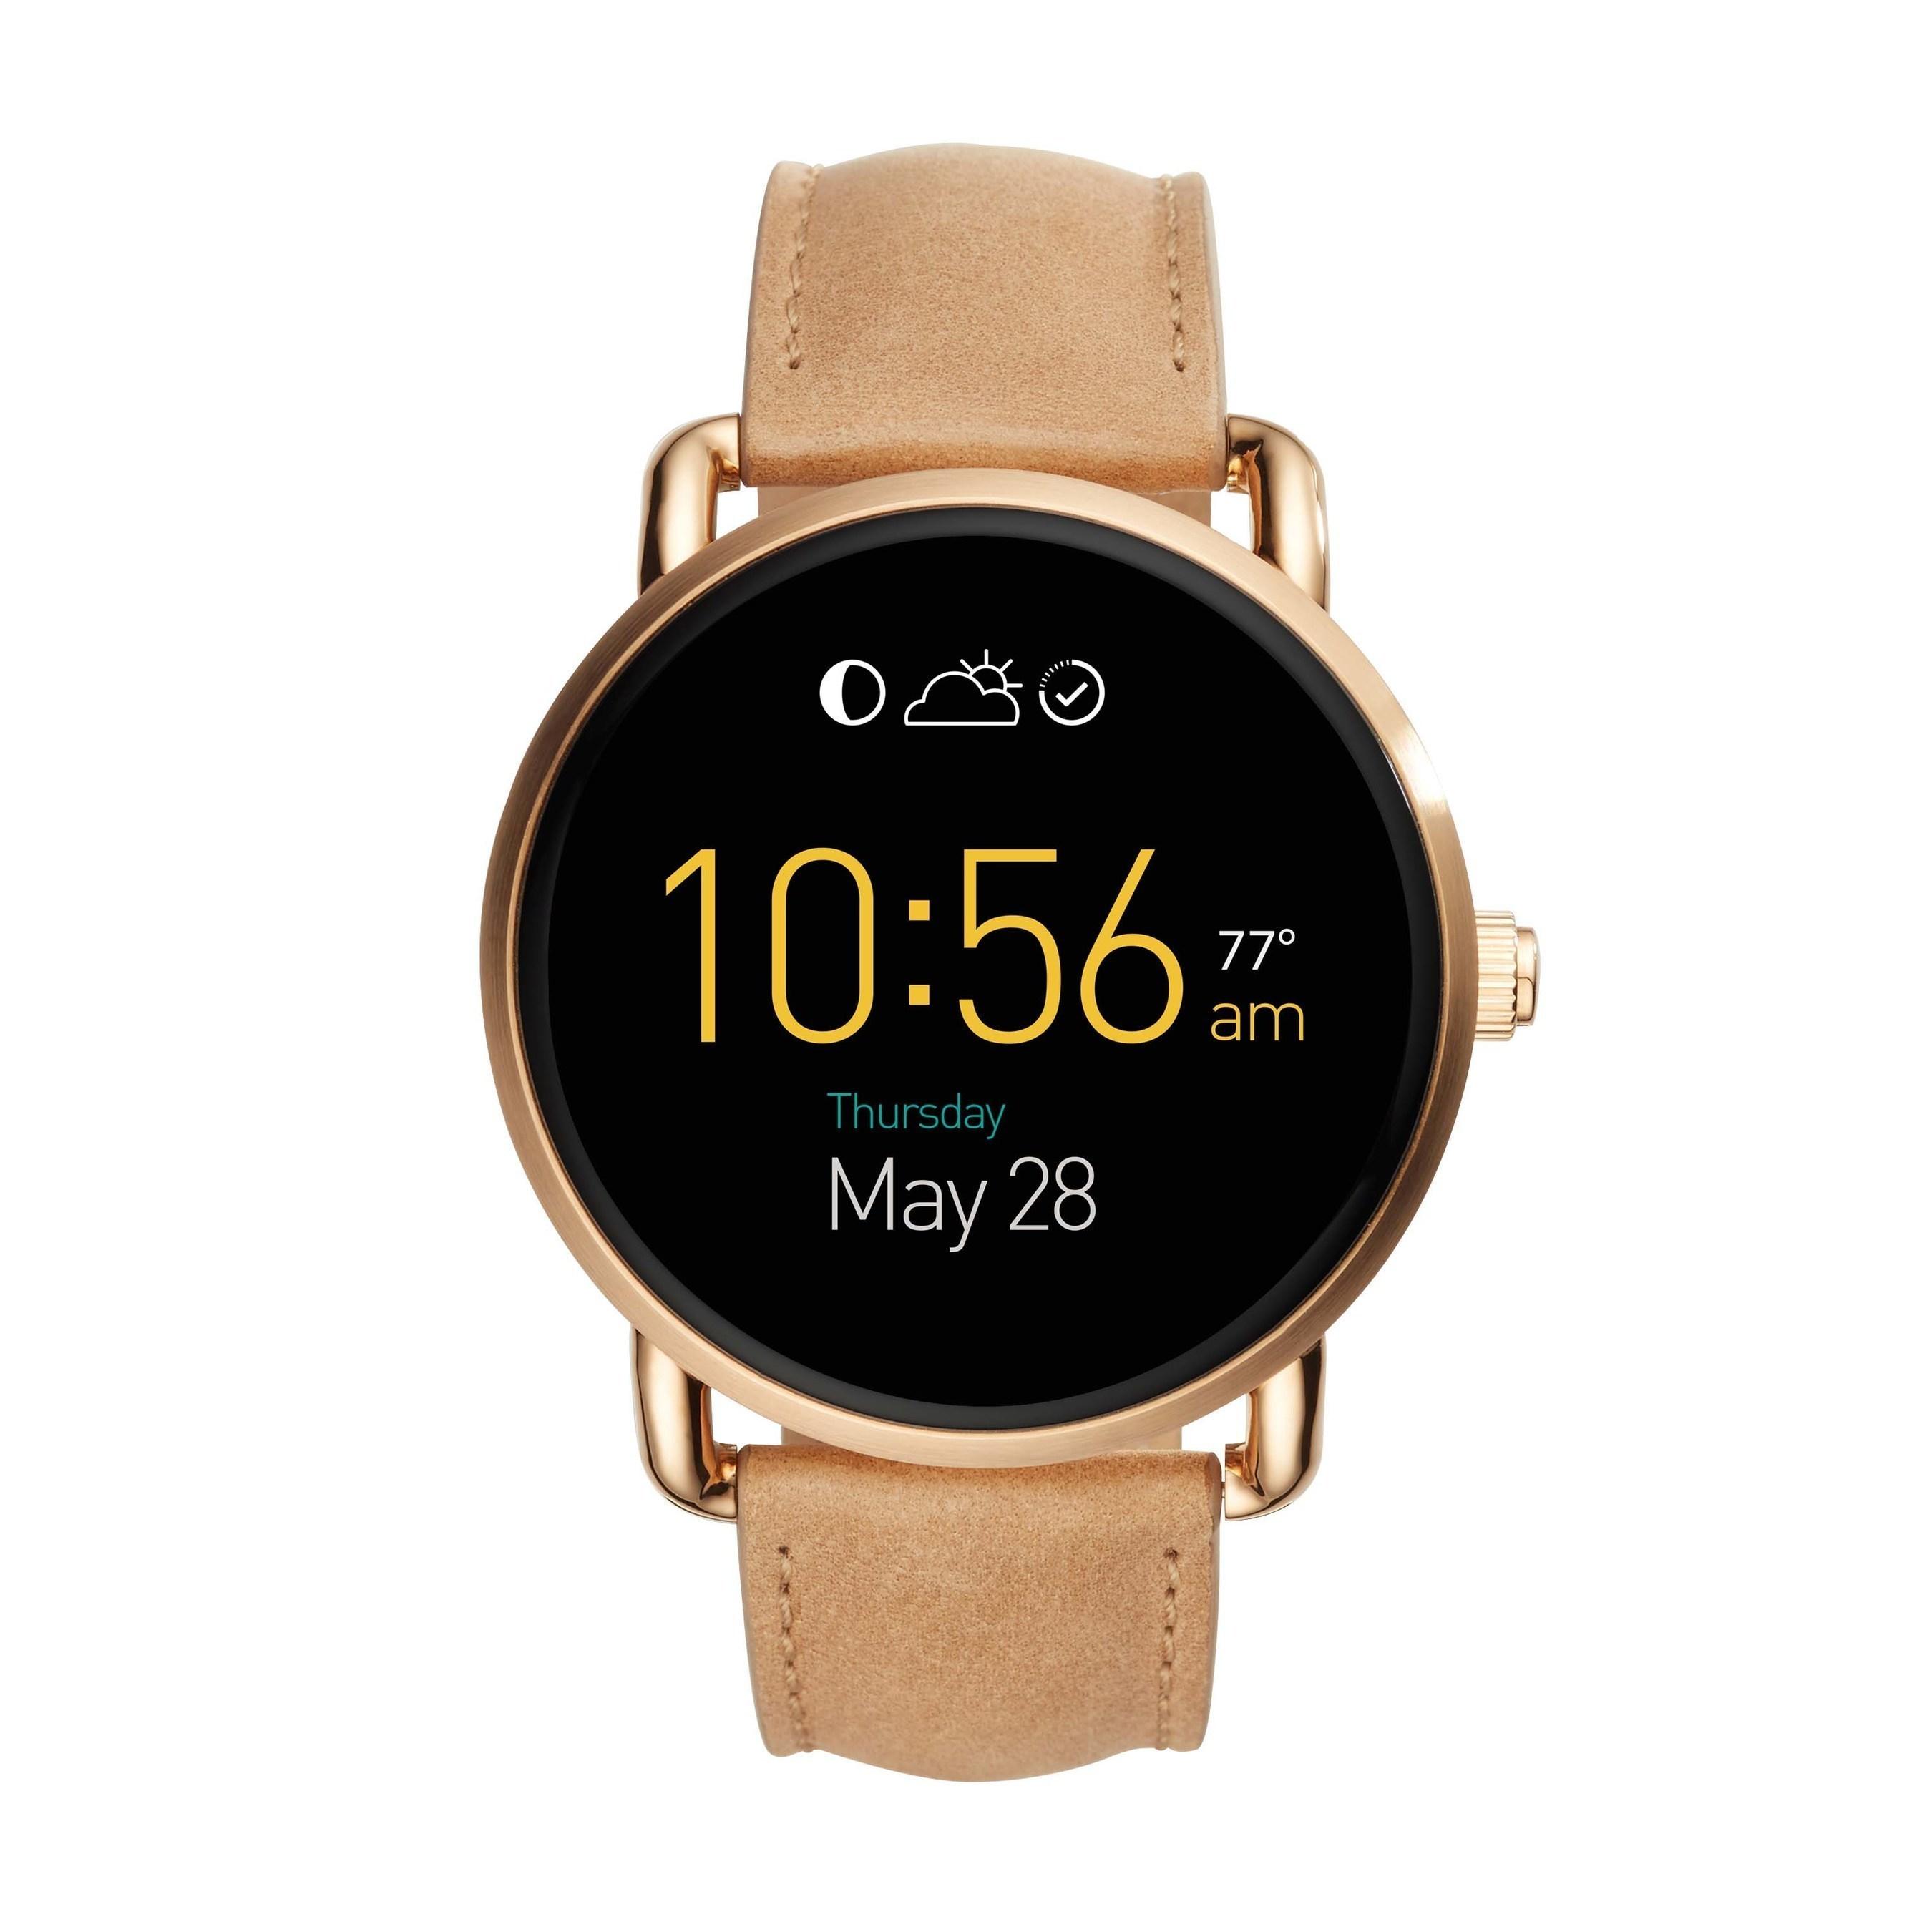 Fossil kündigt zur Baselworld die Vorstellung neuer, schlankerer Android-Wear™-Smartwatches,